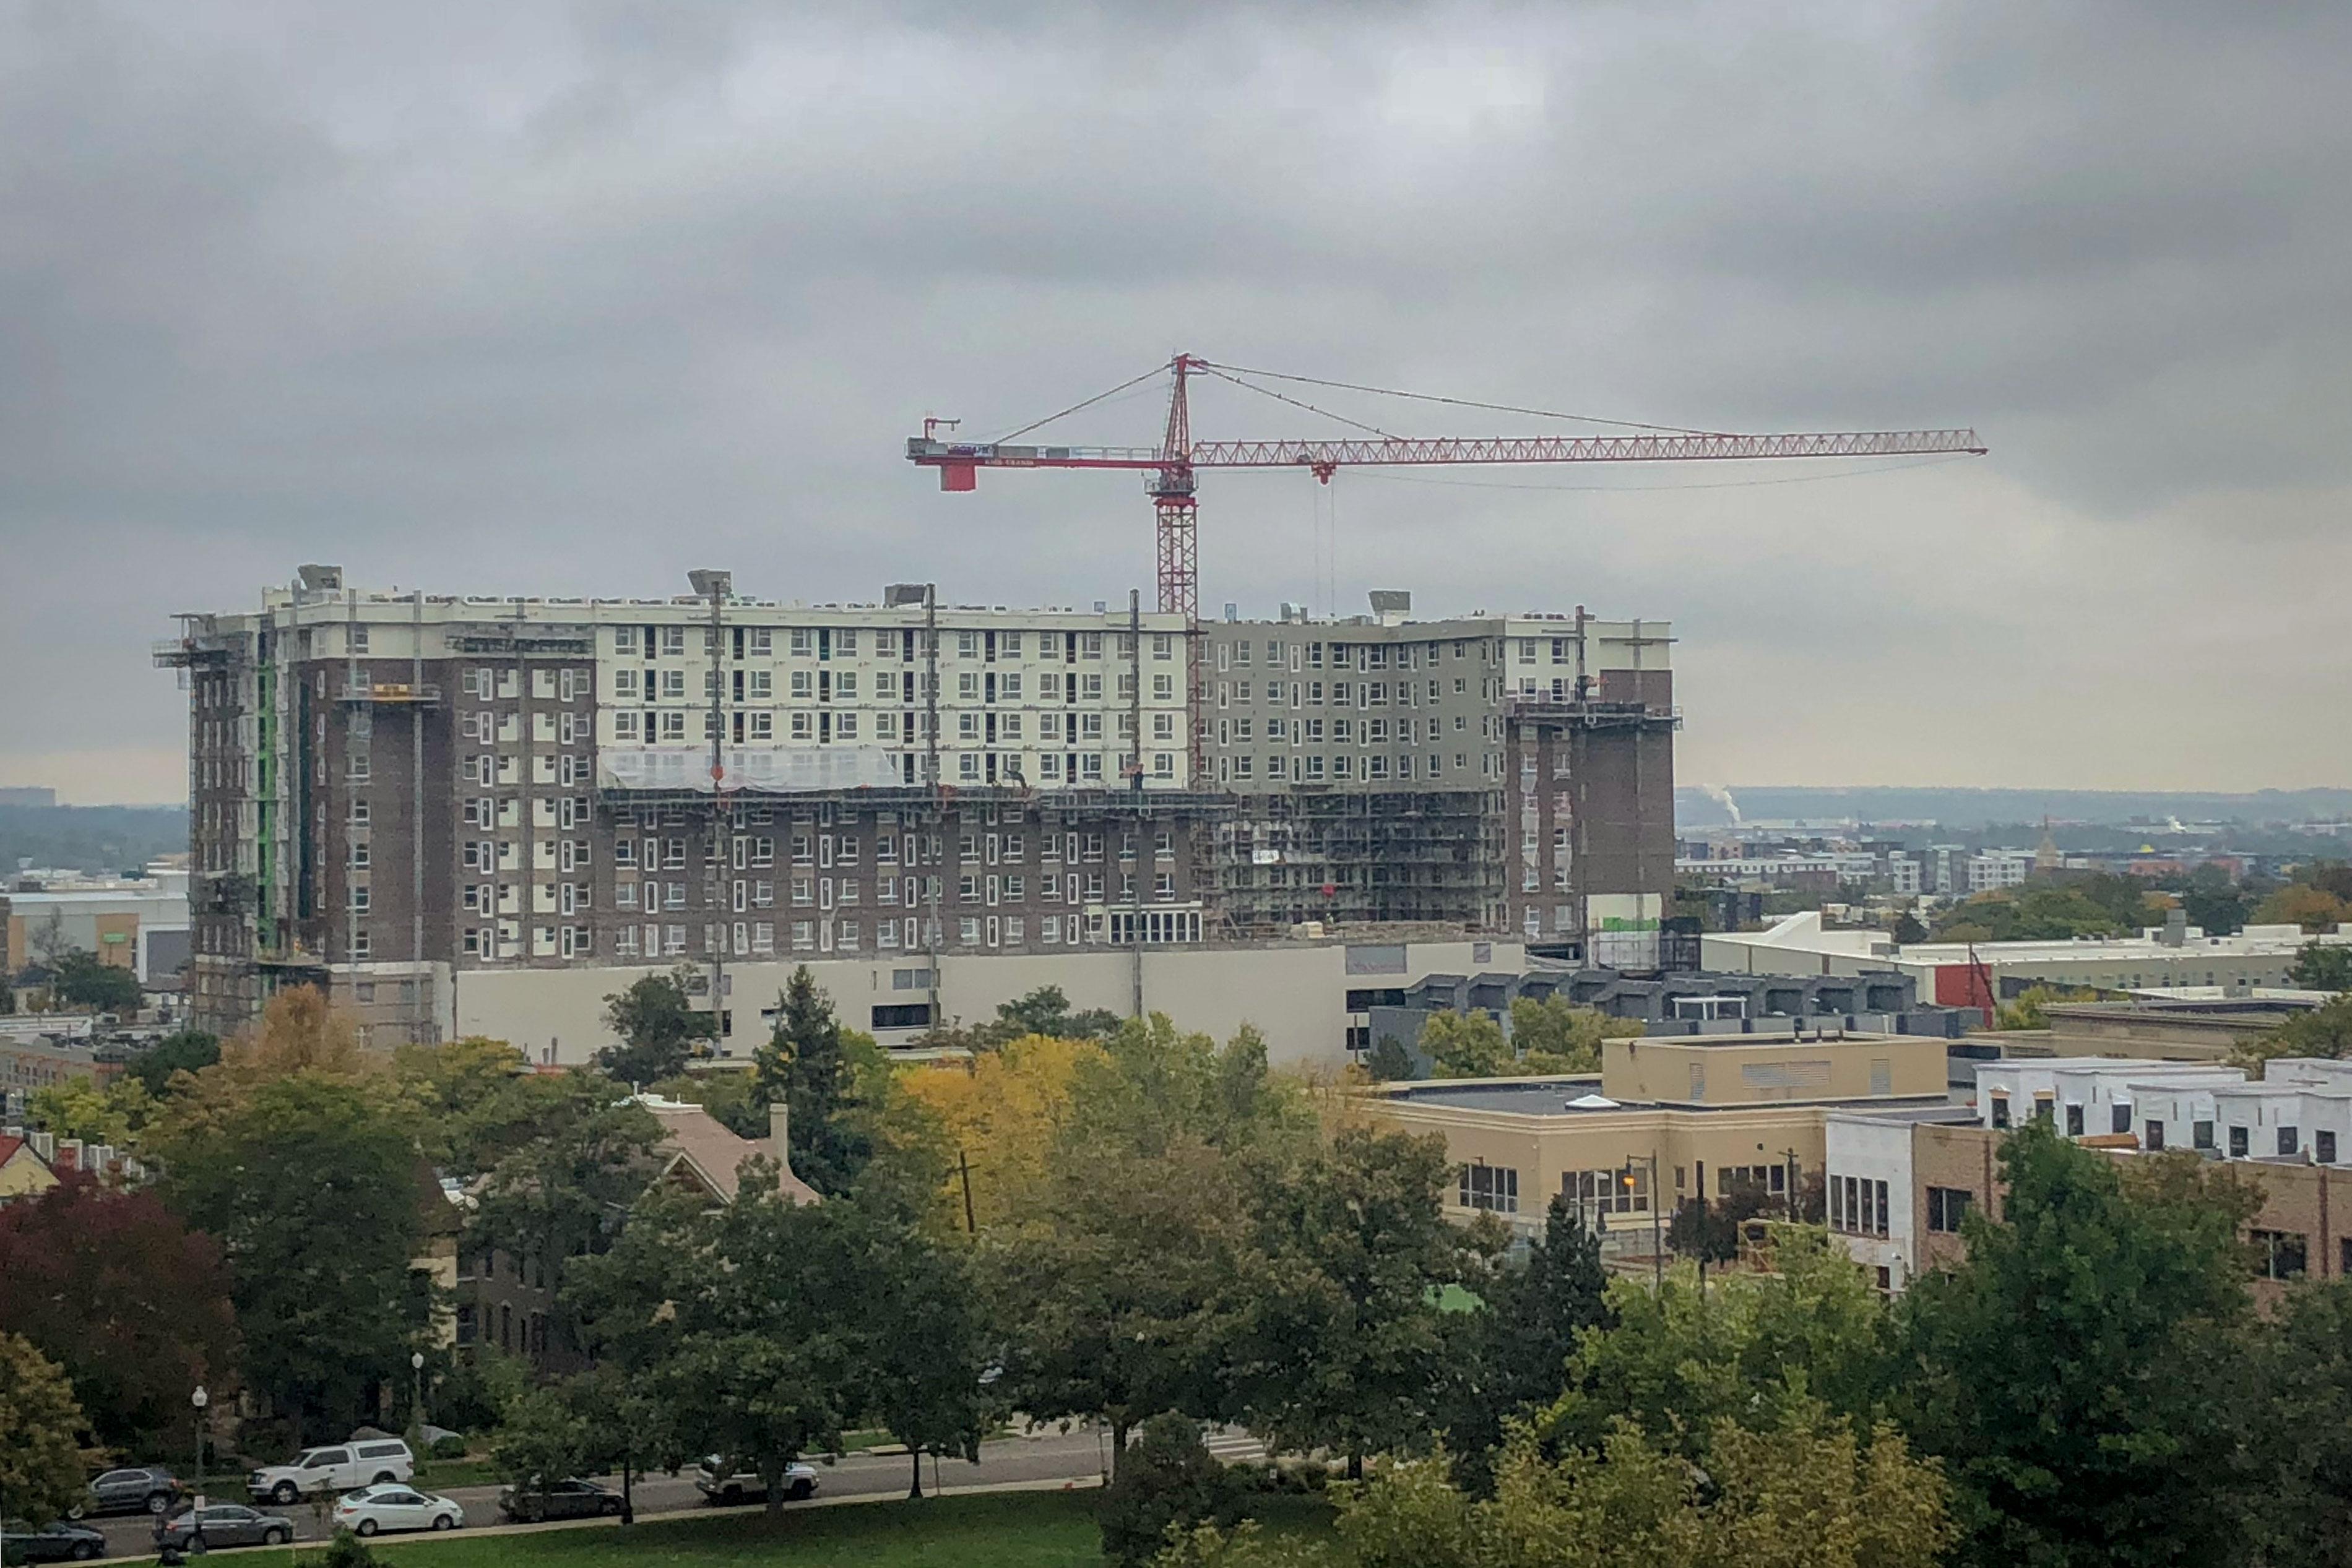 Photo: Denver Peak Apartments 1 | Downtown Under Construction - BMarkus